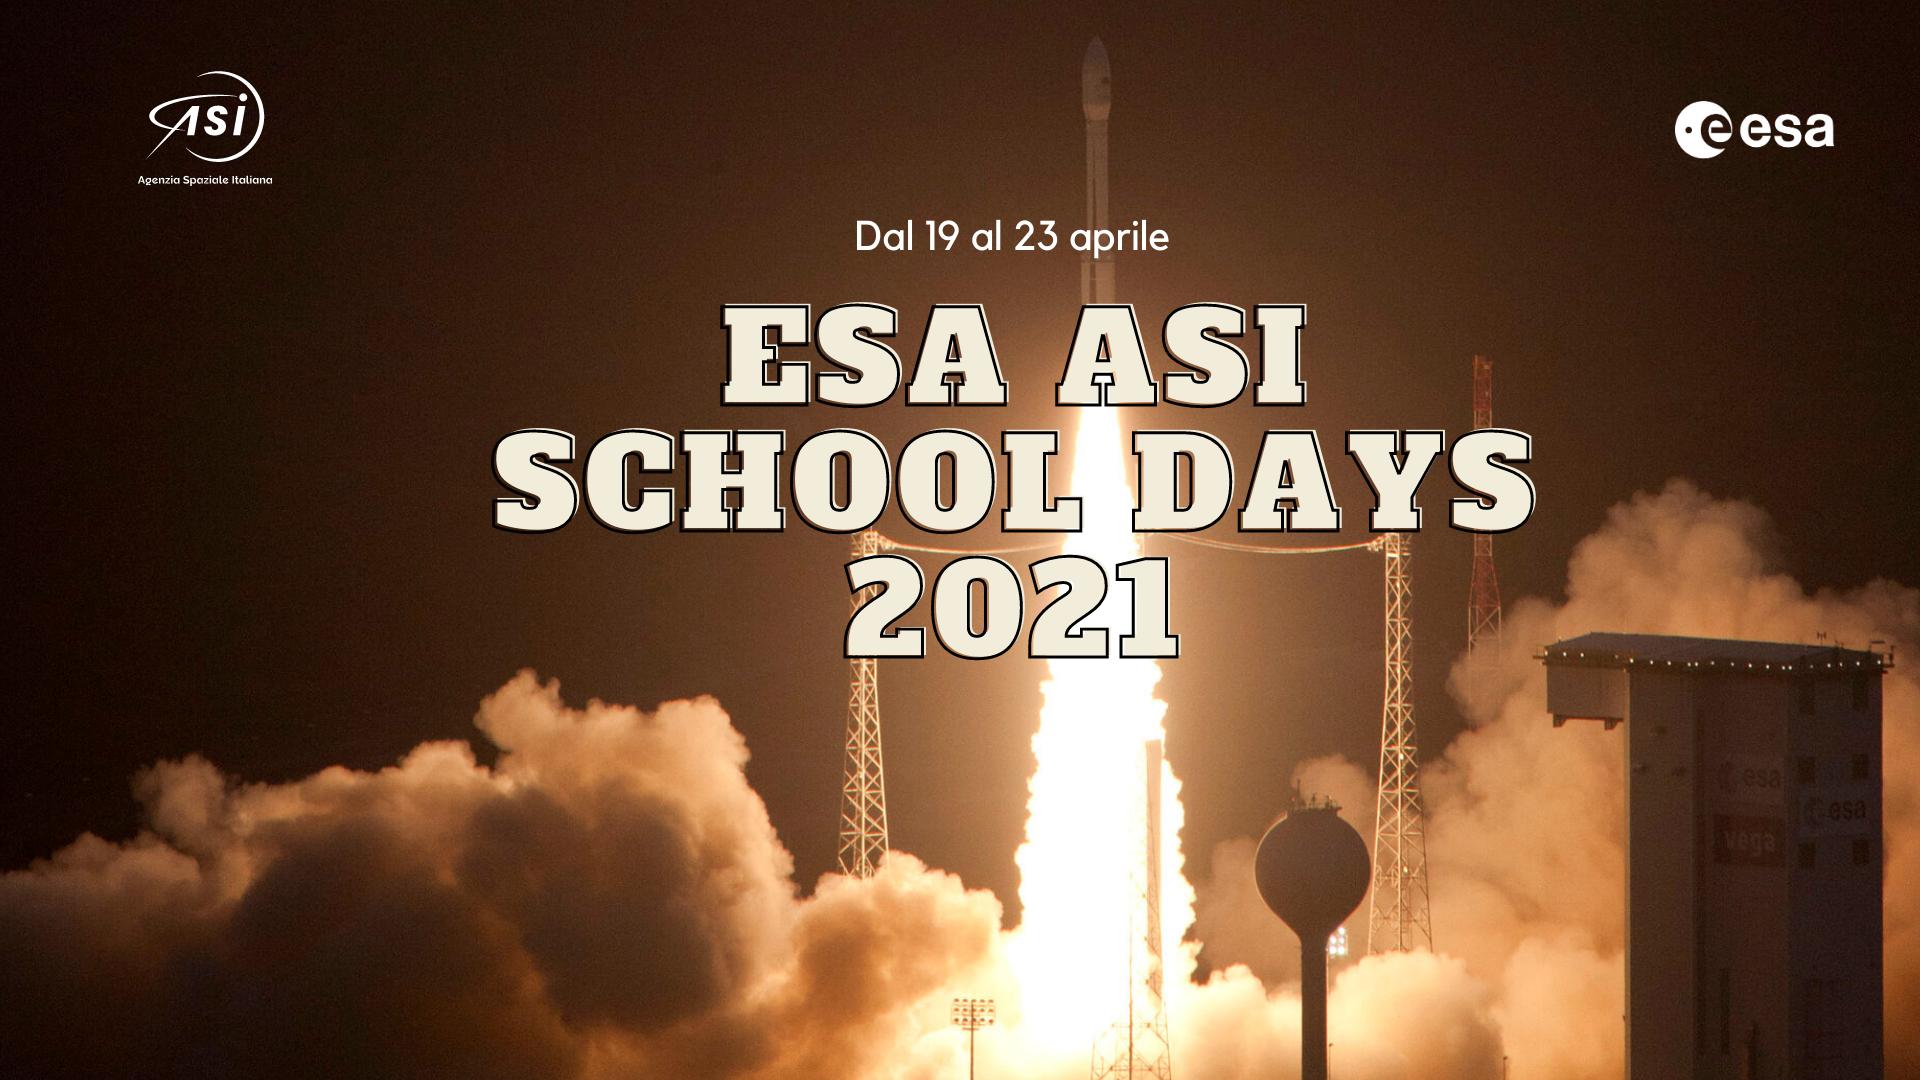 ASI - ESA-ASI School Days, al via l'edizione 2021